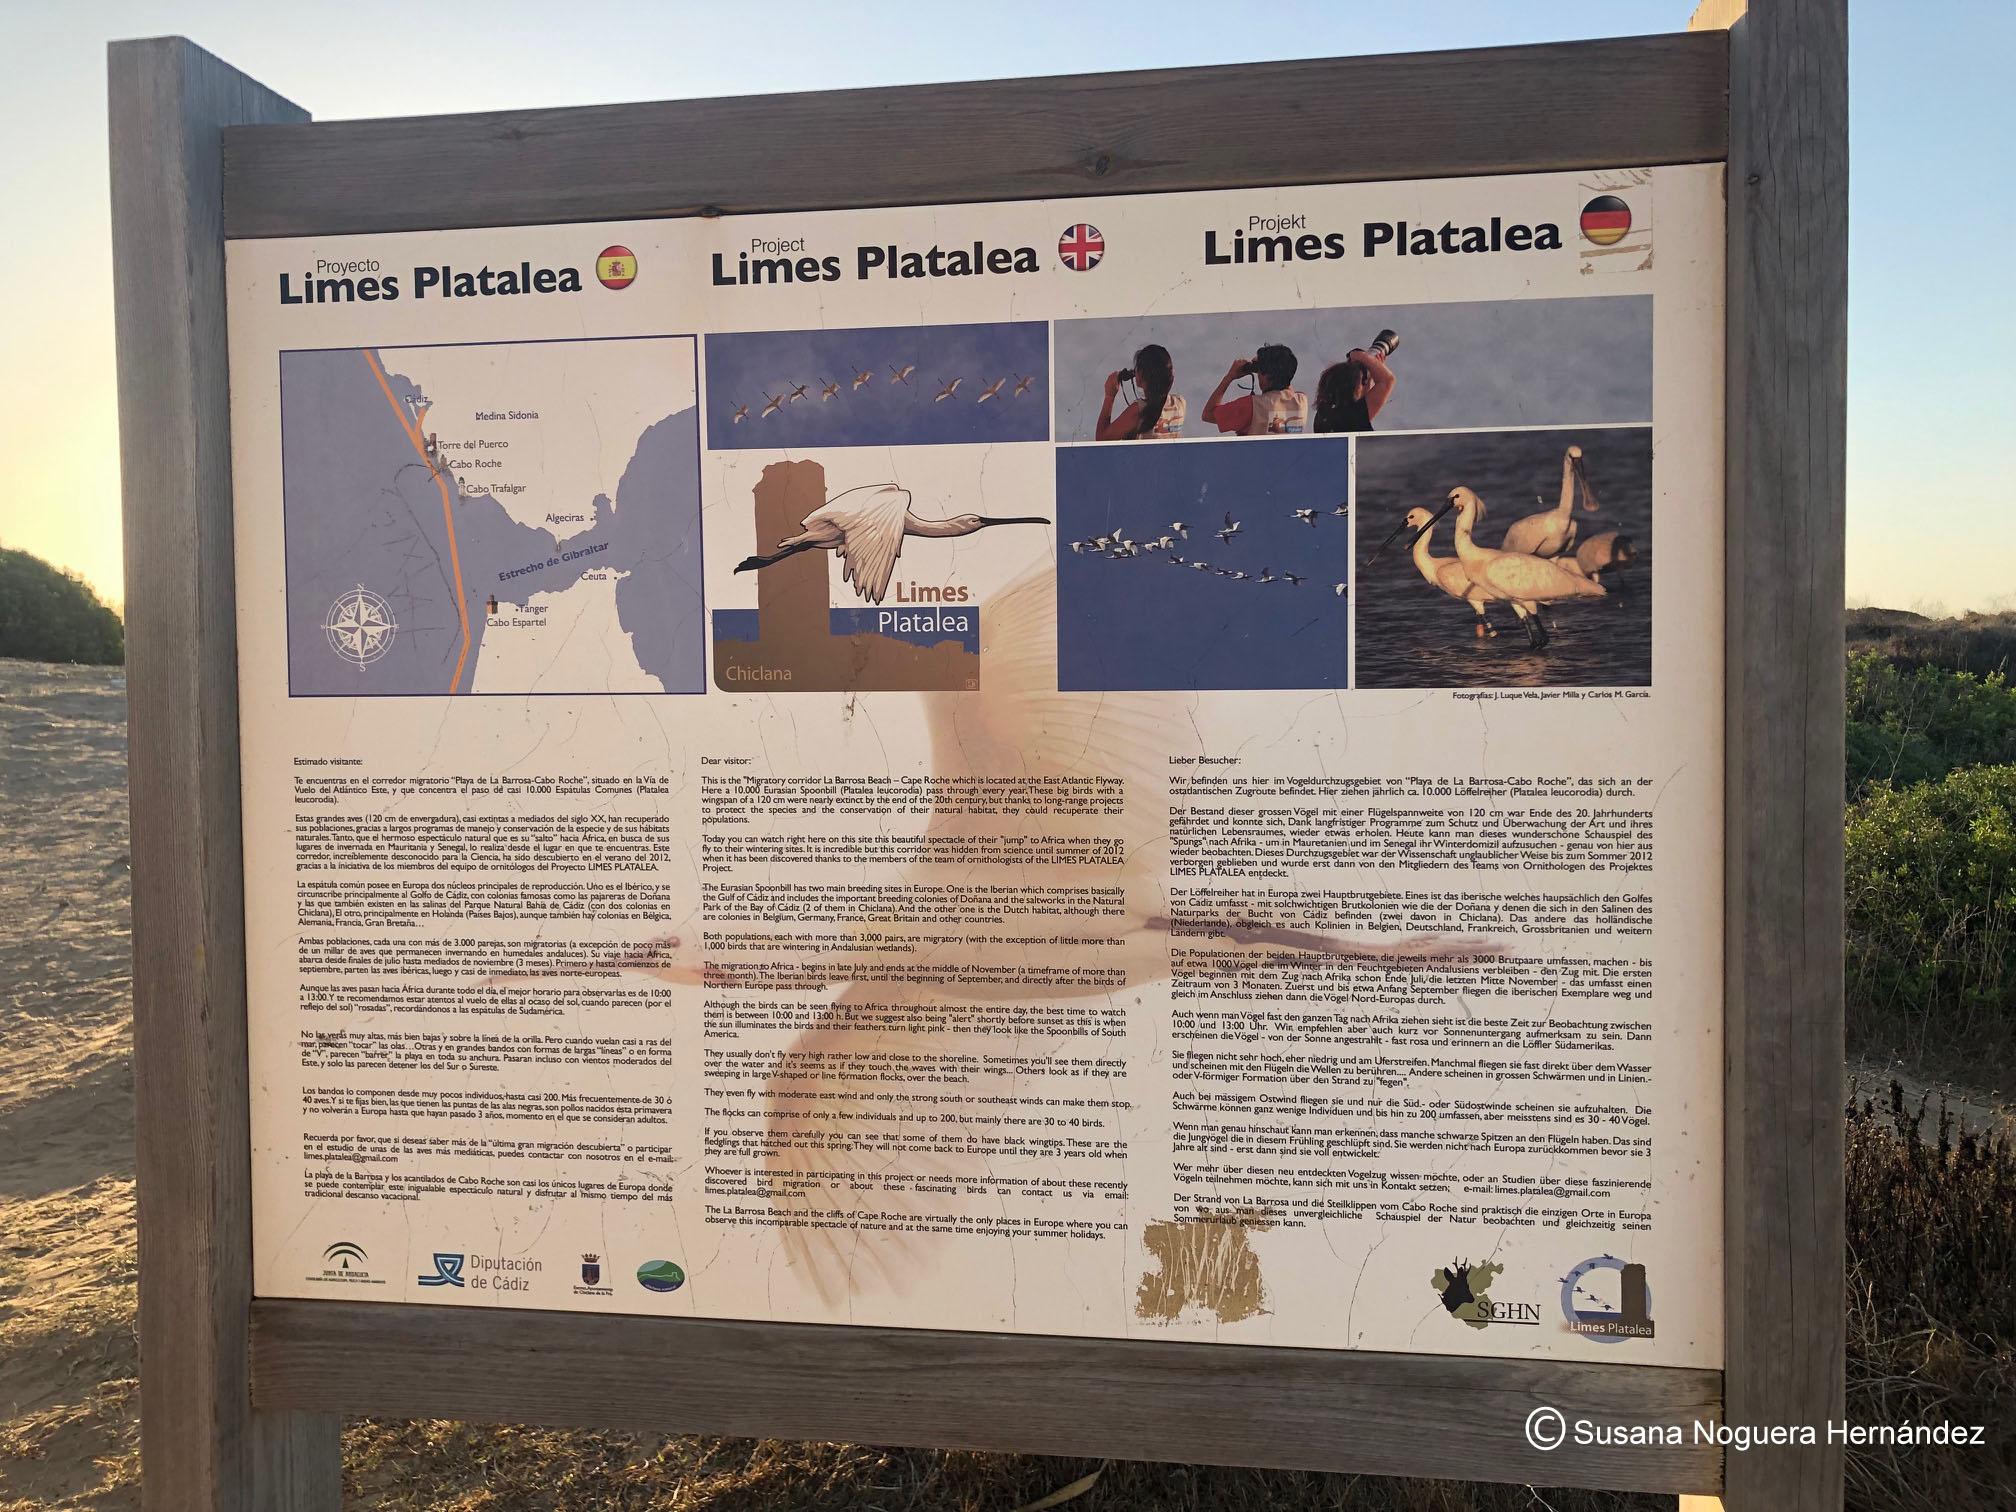 Cartel del Proyecto Limes Platalea, junto a la Torre del Puerco (Chiclana de la Frontera). Imagen: SNH